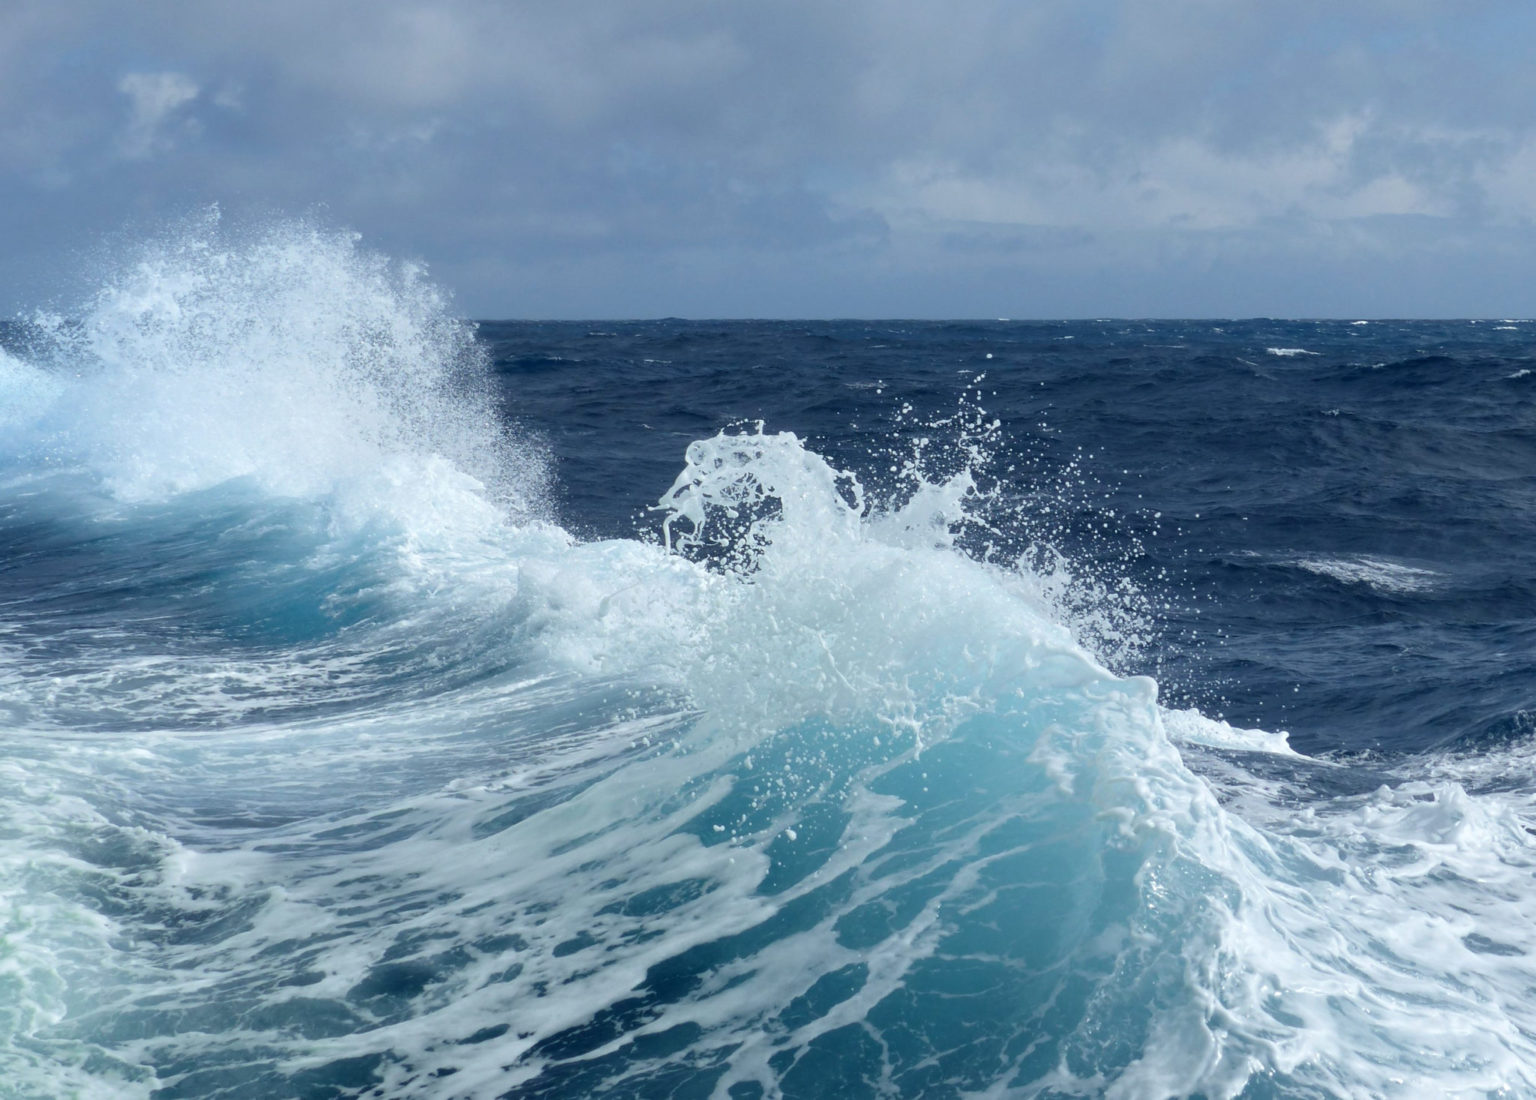 Una ola rompe contra el costado del buque de investigación durante la campaña de análisis de la atmósfera oceánica austral. Foto de Peter Shanks (CSIRO, AU).